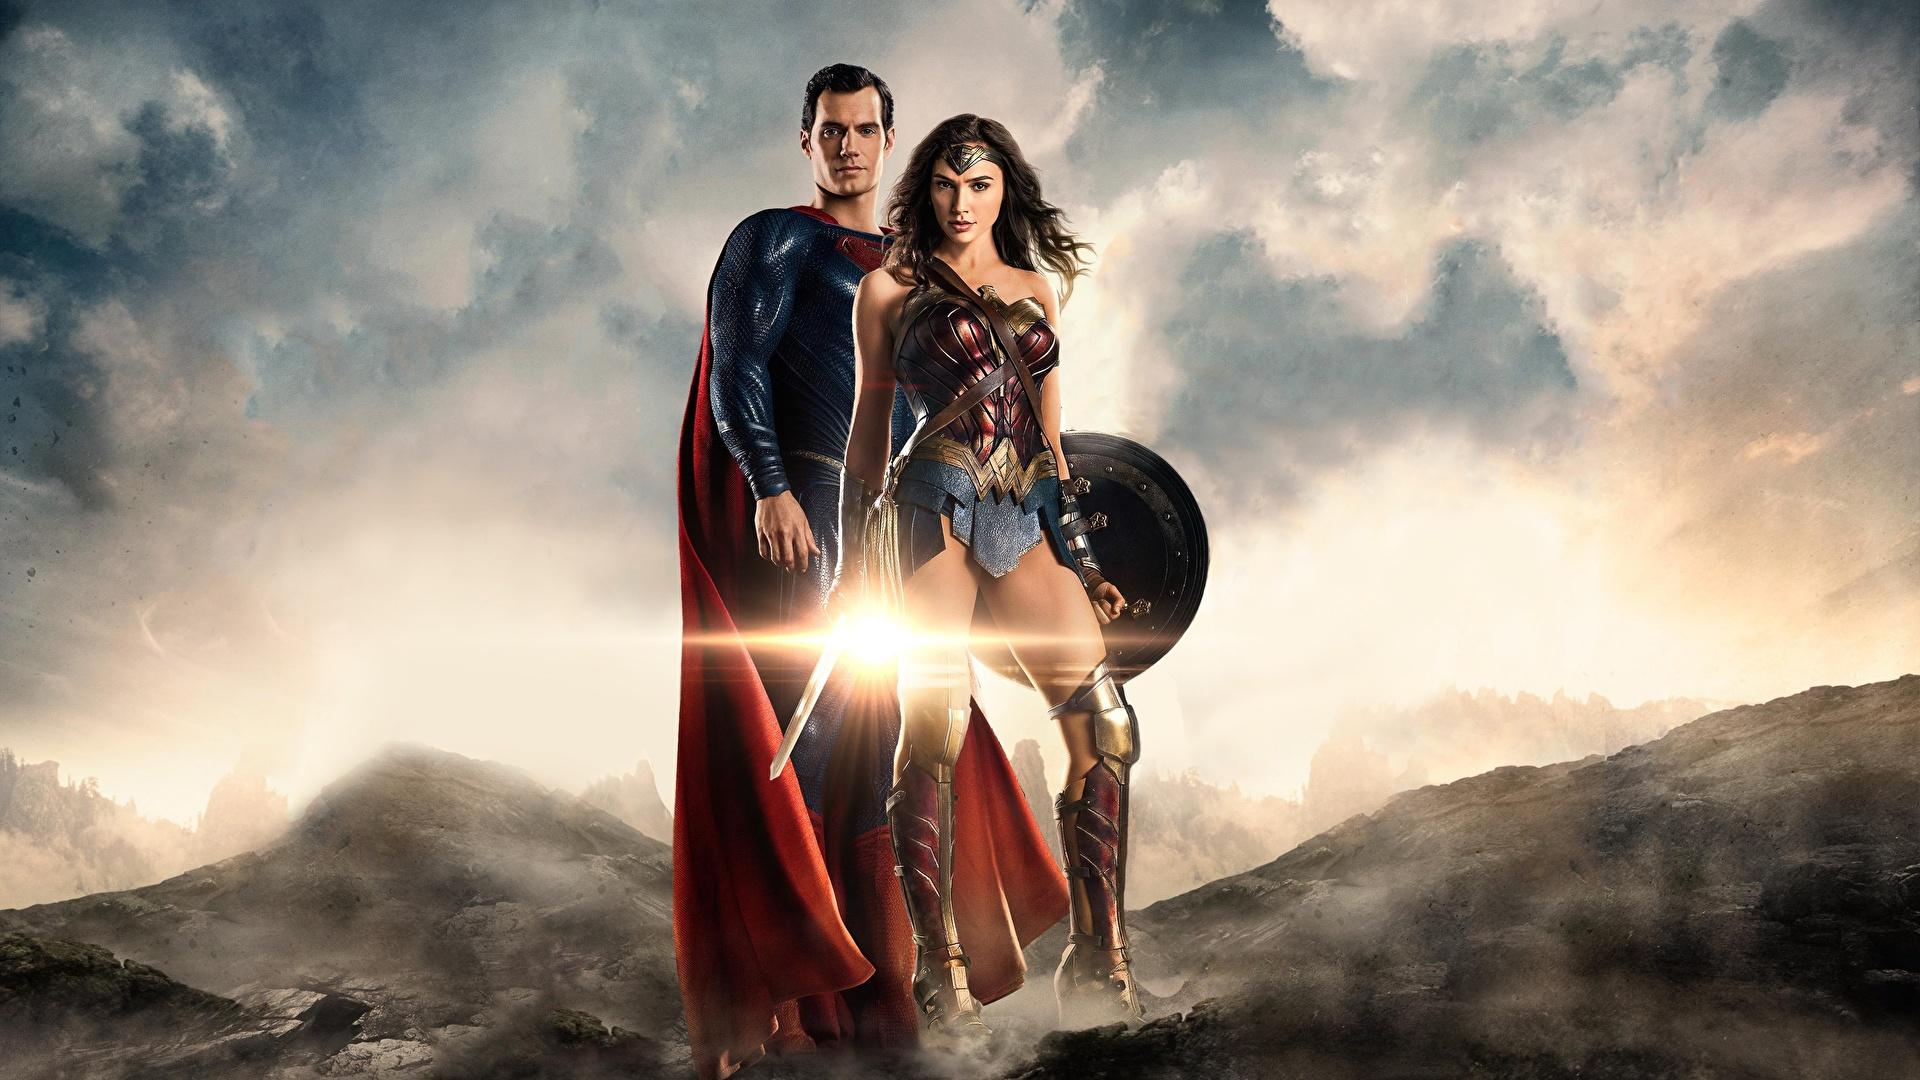 Photos Justice League 2017 Gal Gadot Henry Cavill Superman 1920x1080